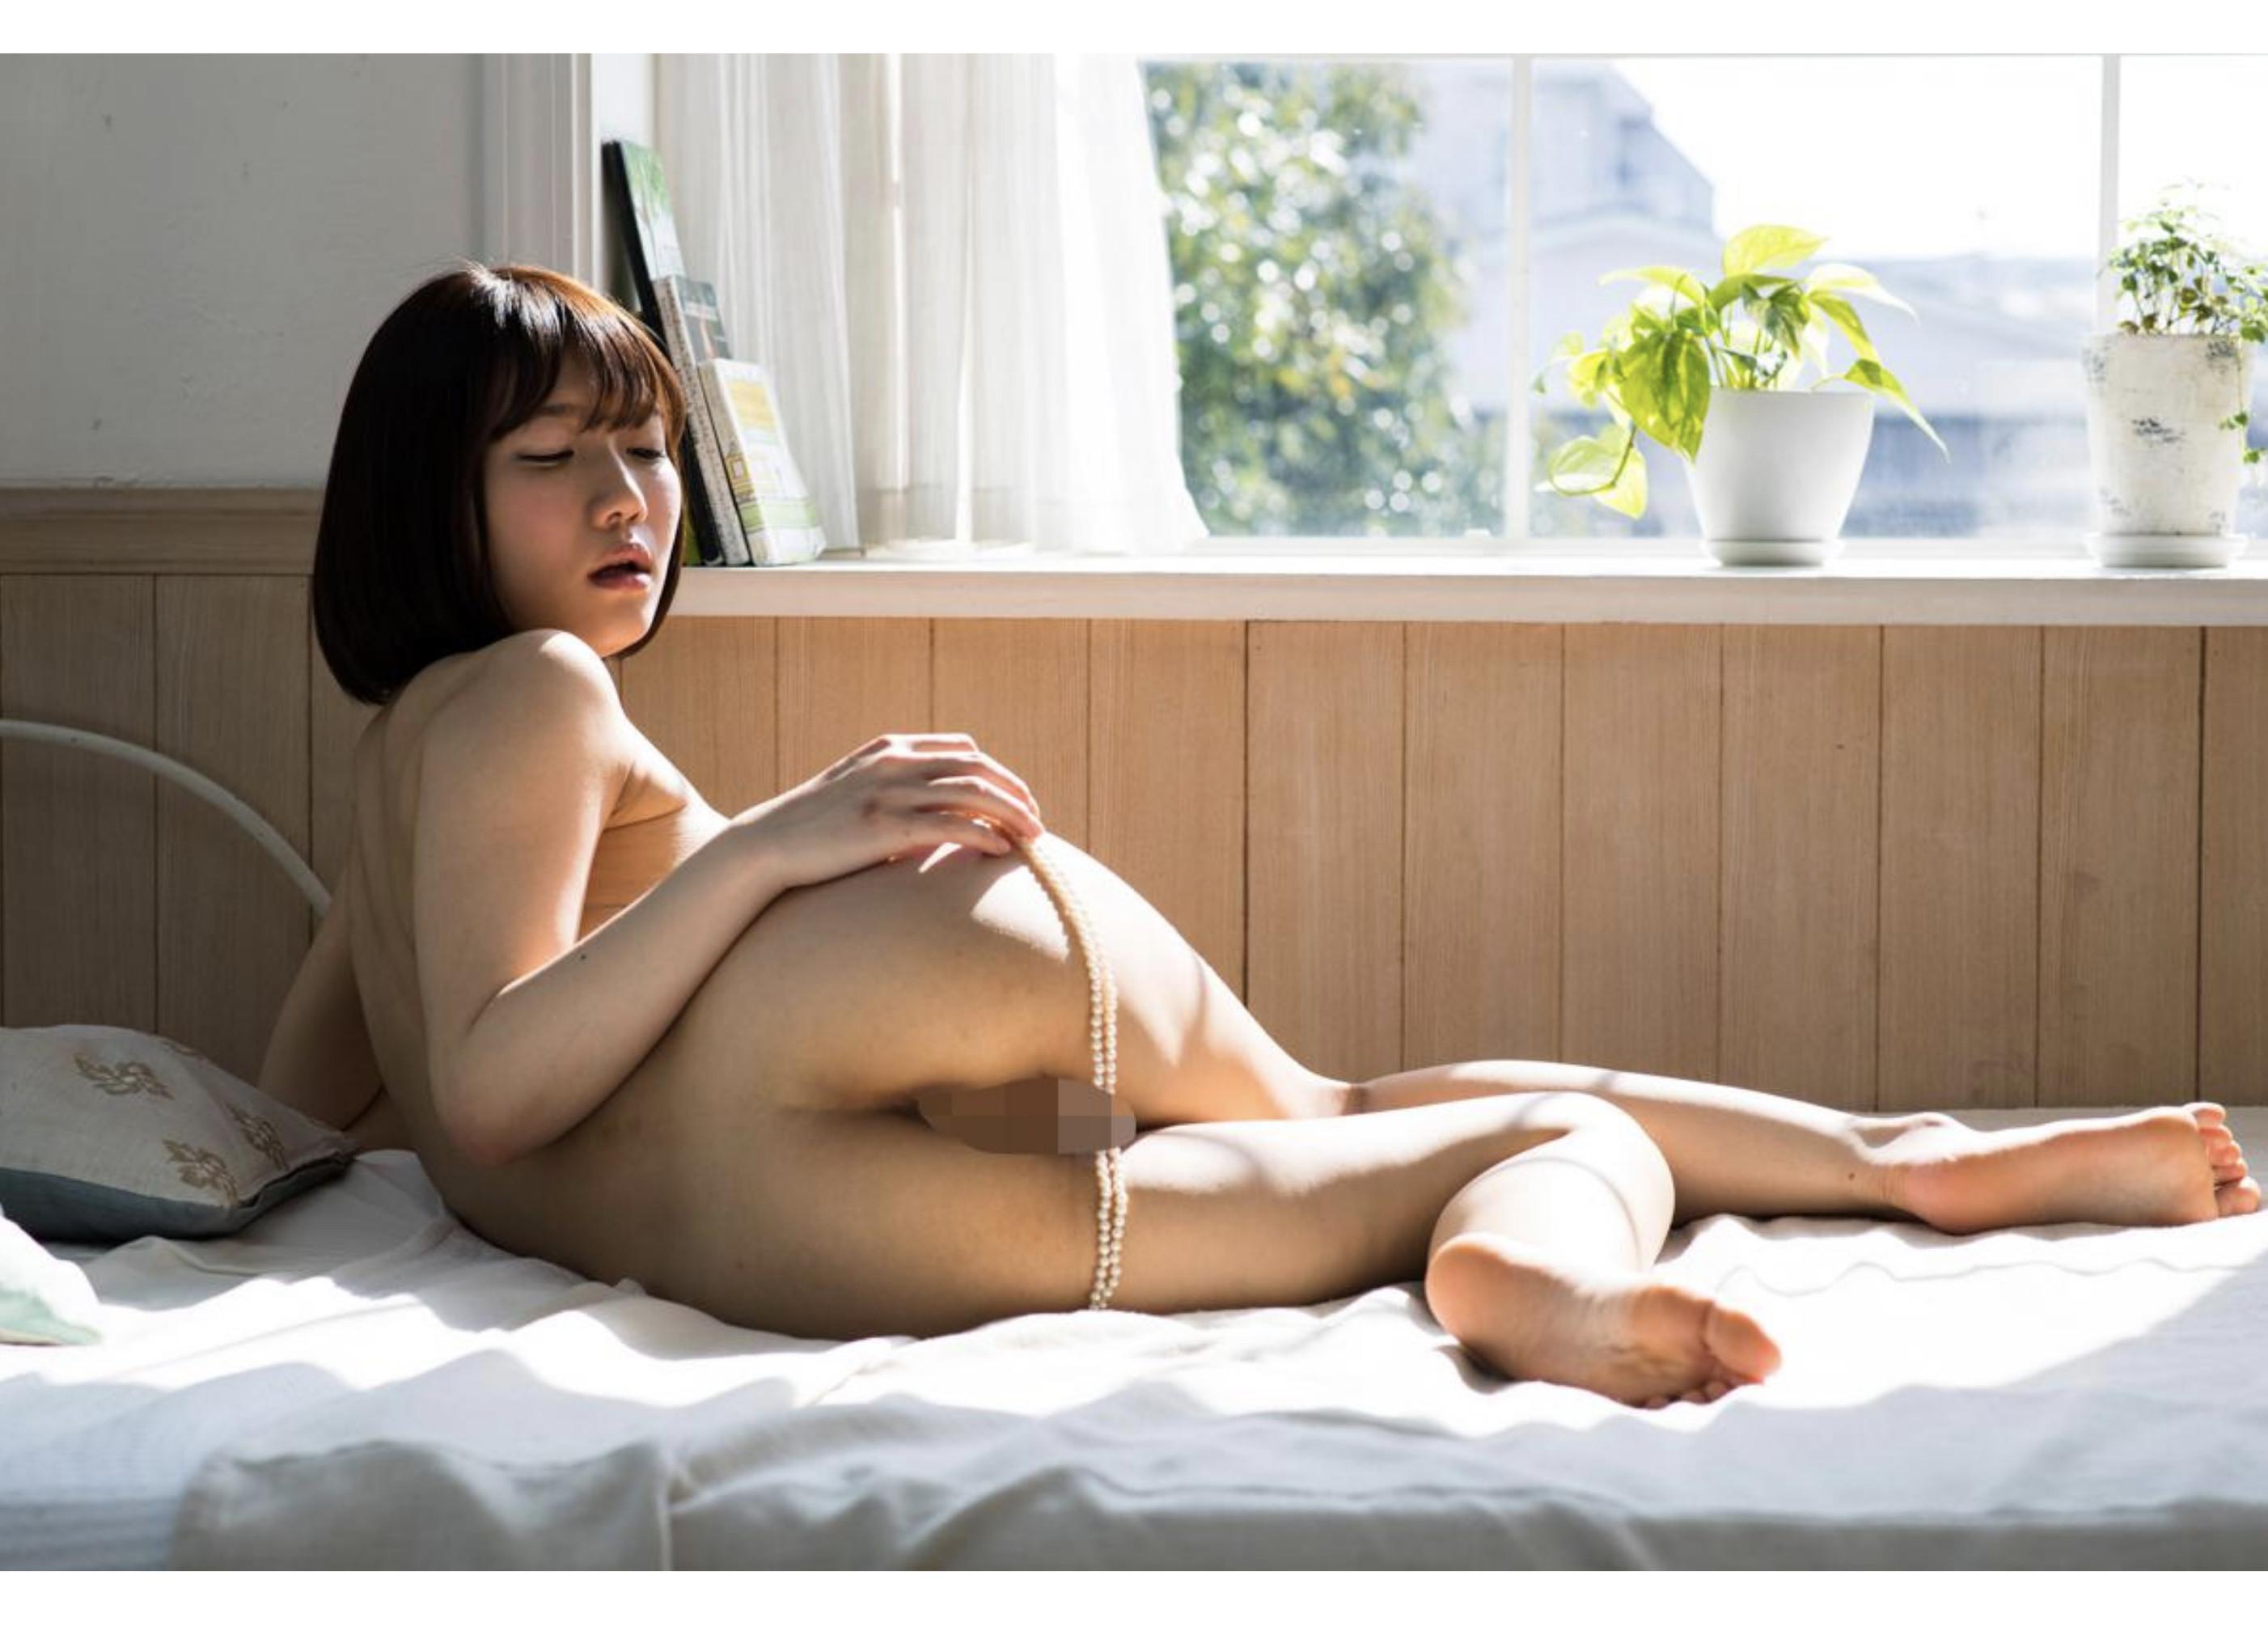 菊川みつ葉 写真集 Hetairai 119